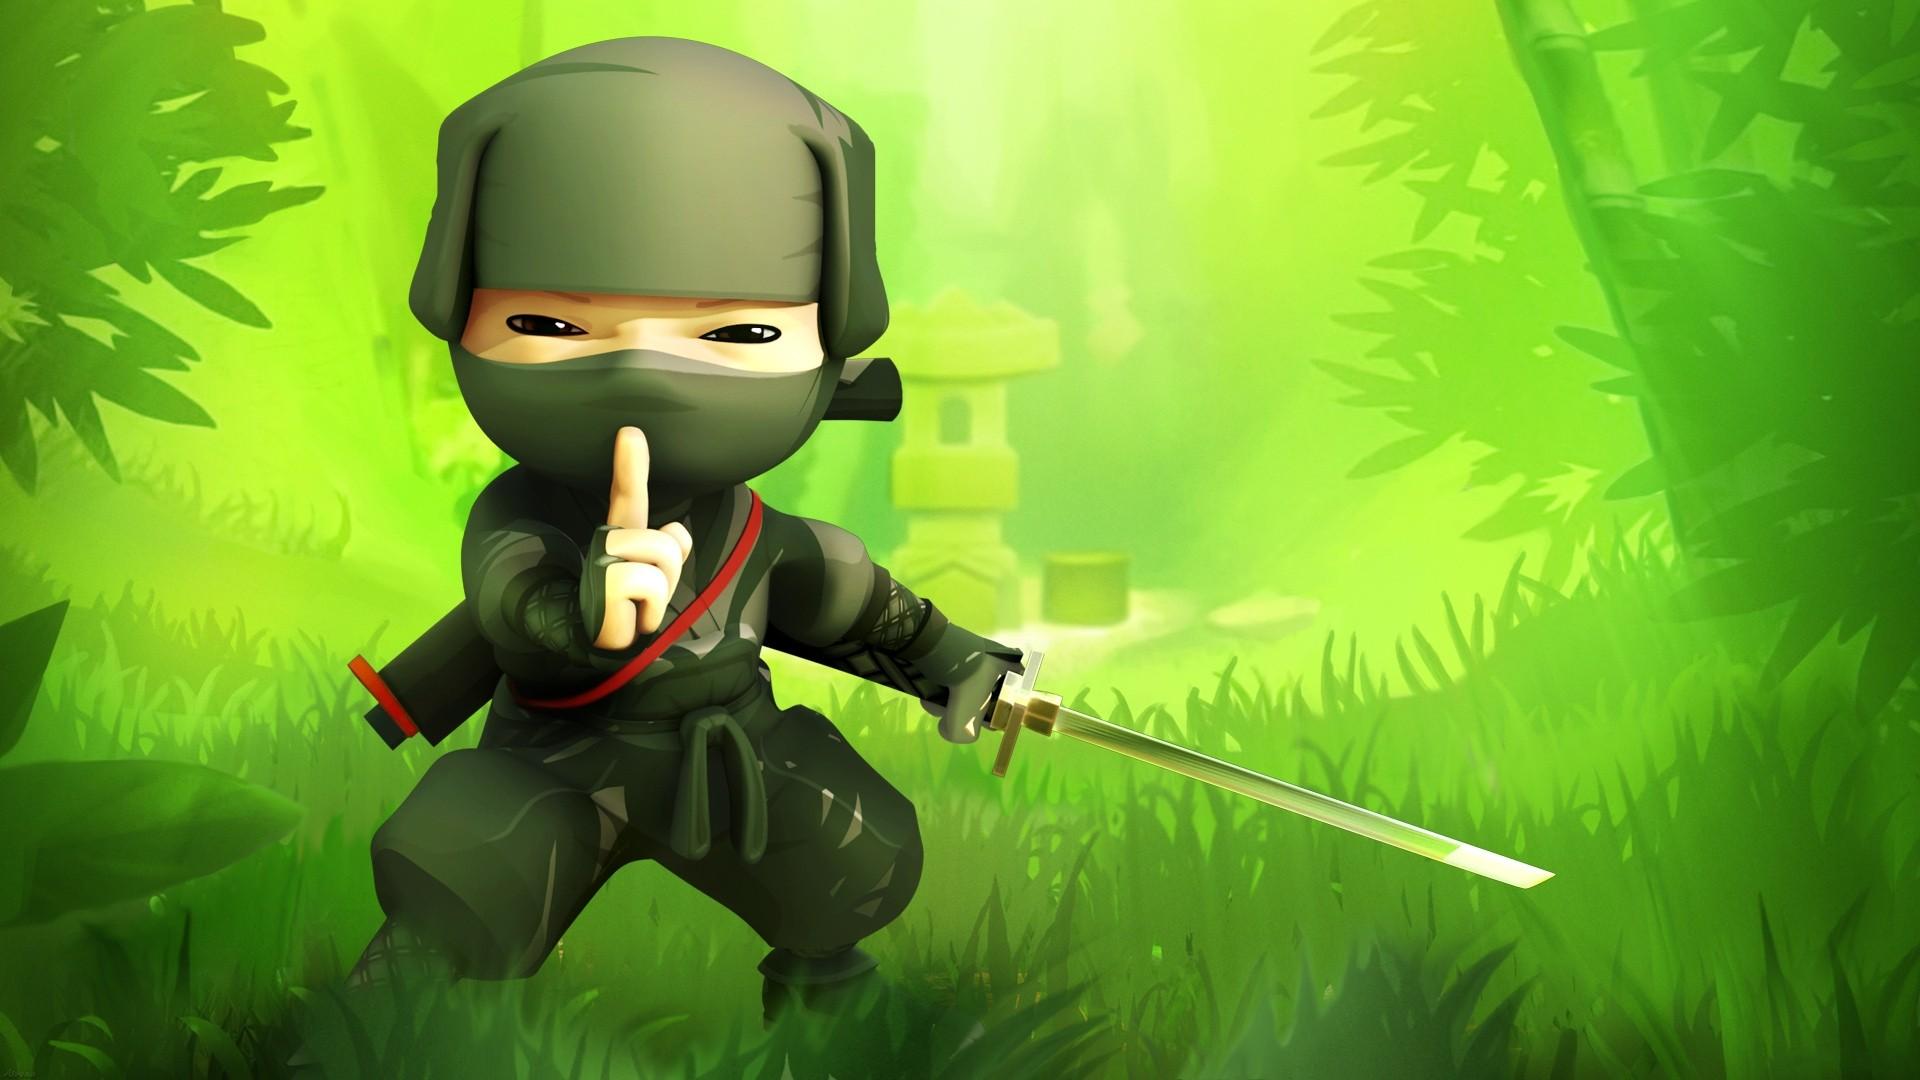 Cartoon Ninja Wallpaper 23854 1920x1080 px HDWallSourcecom